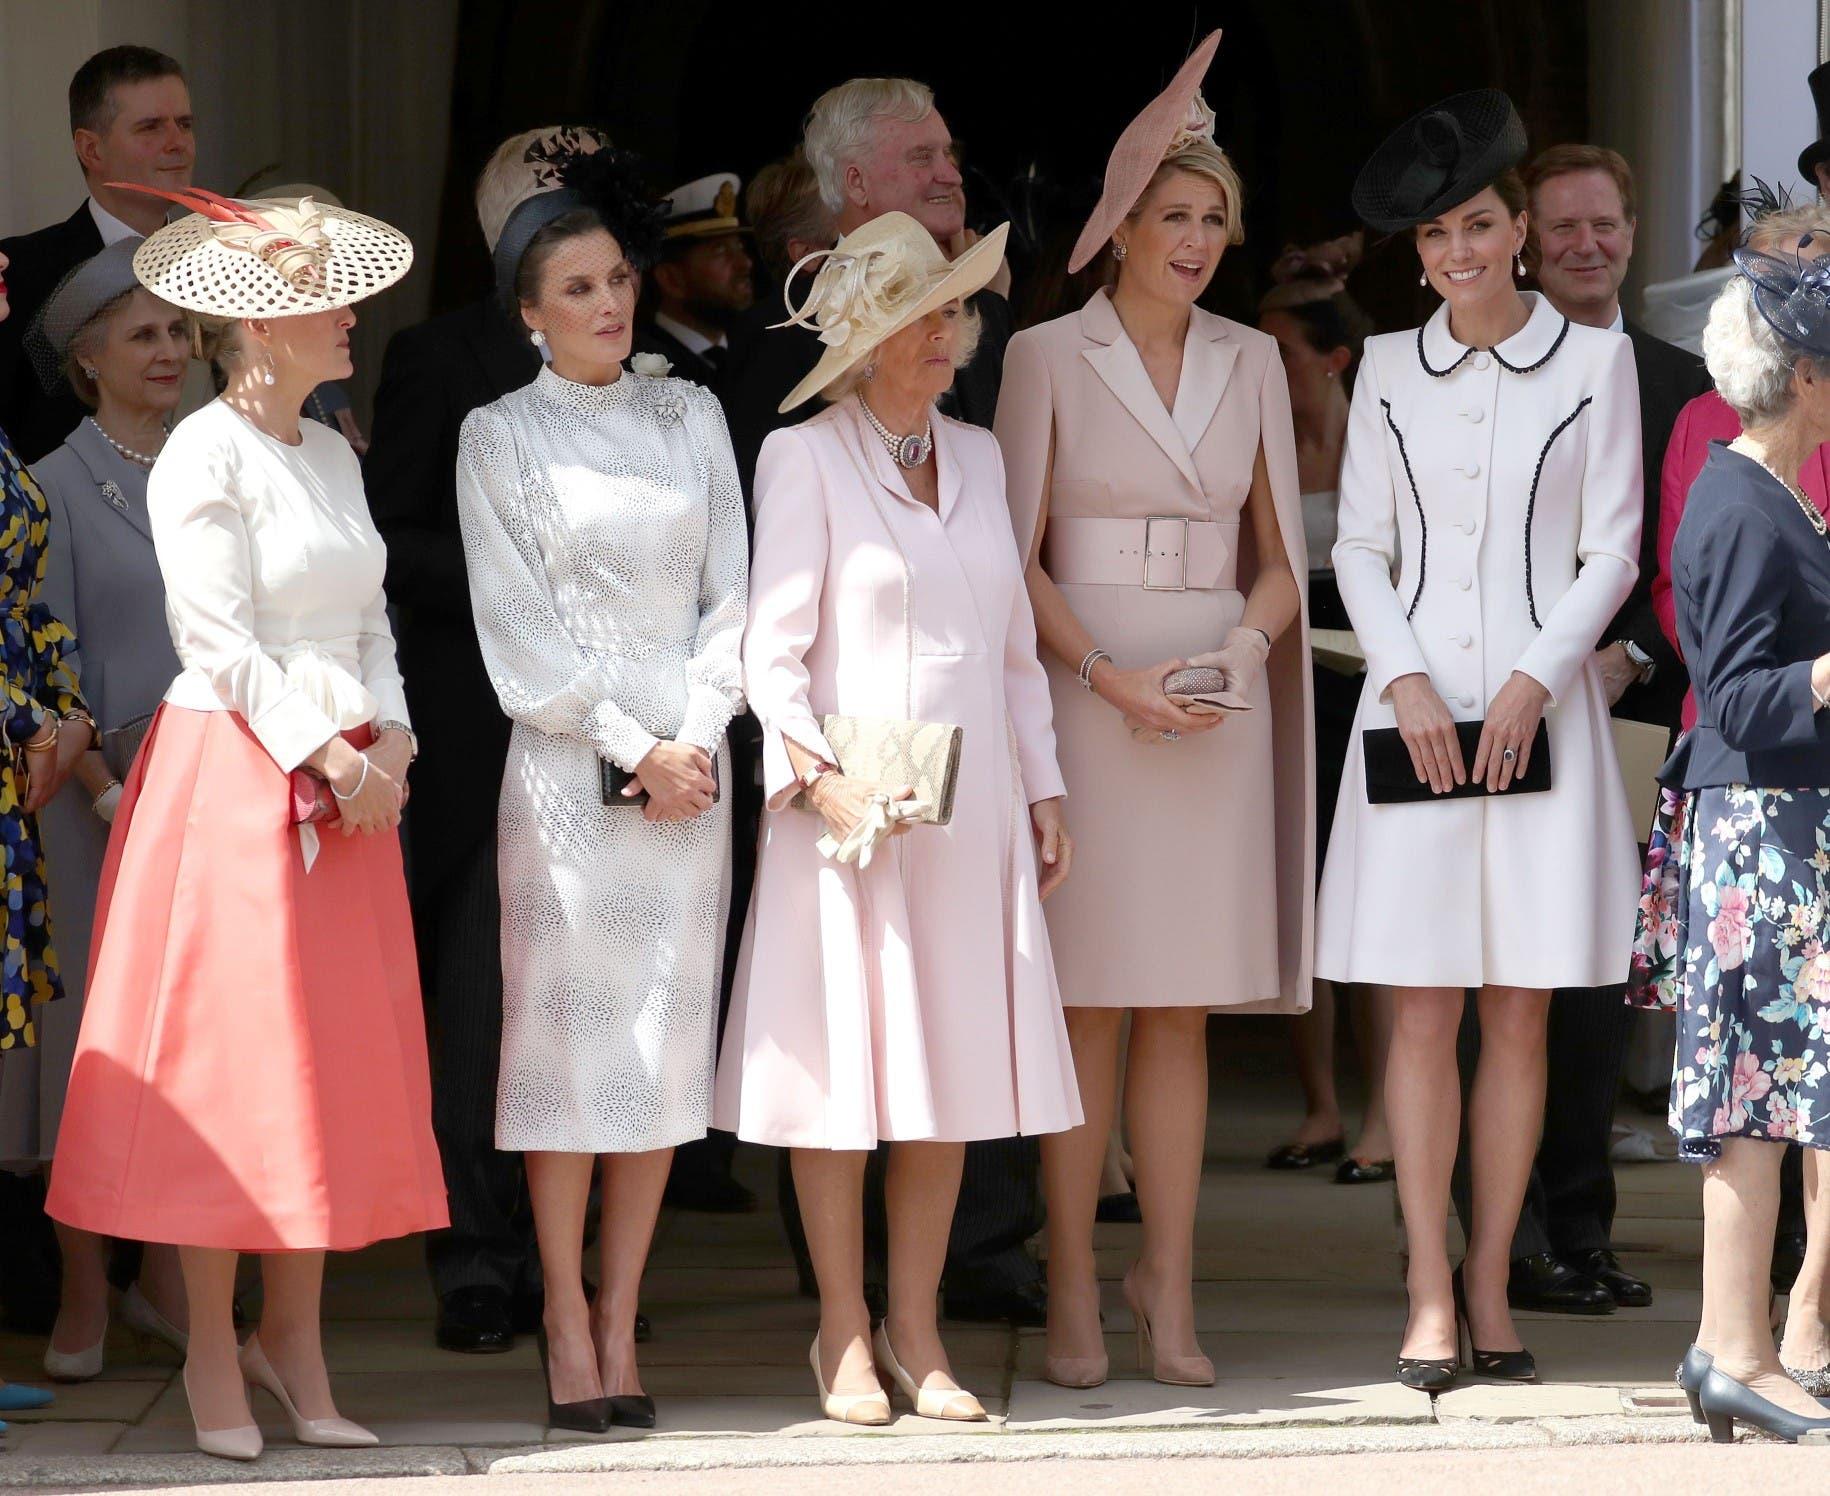 من اليمين إلى اليسار كايت دوقة كامبريدج، الملكة ماكسيما، كاميلا دوقة كونروال، الملكة ليتيزيا وصوفي دوقة ويسيكس،